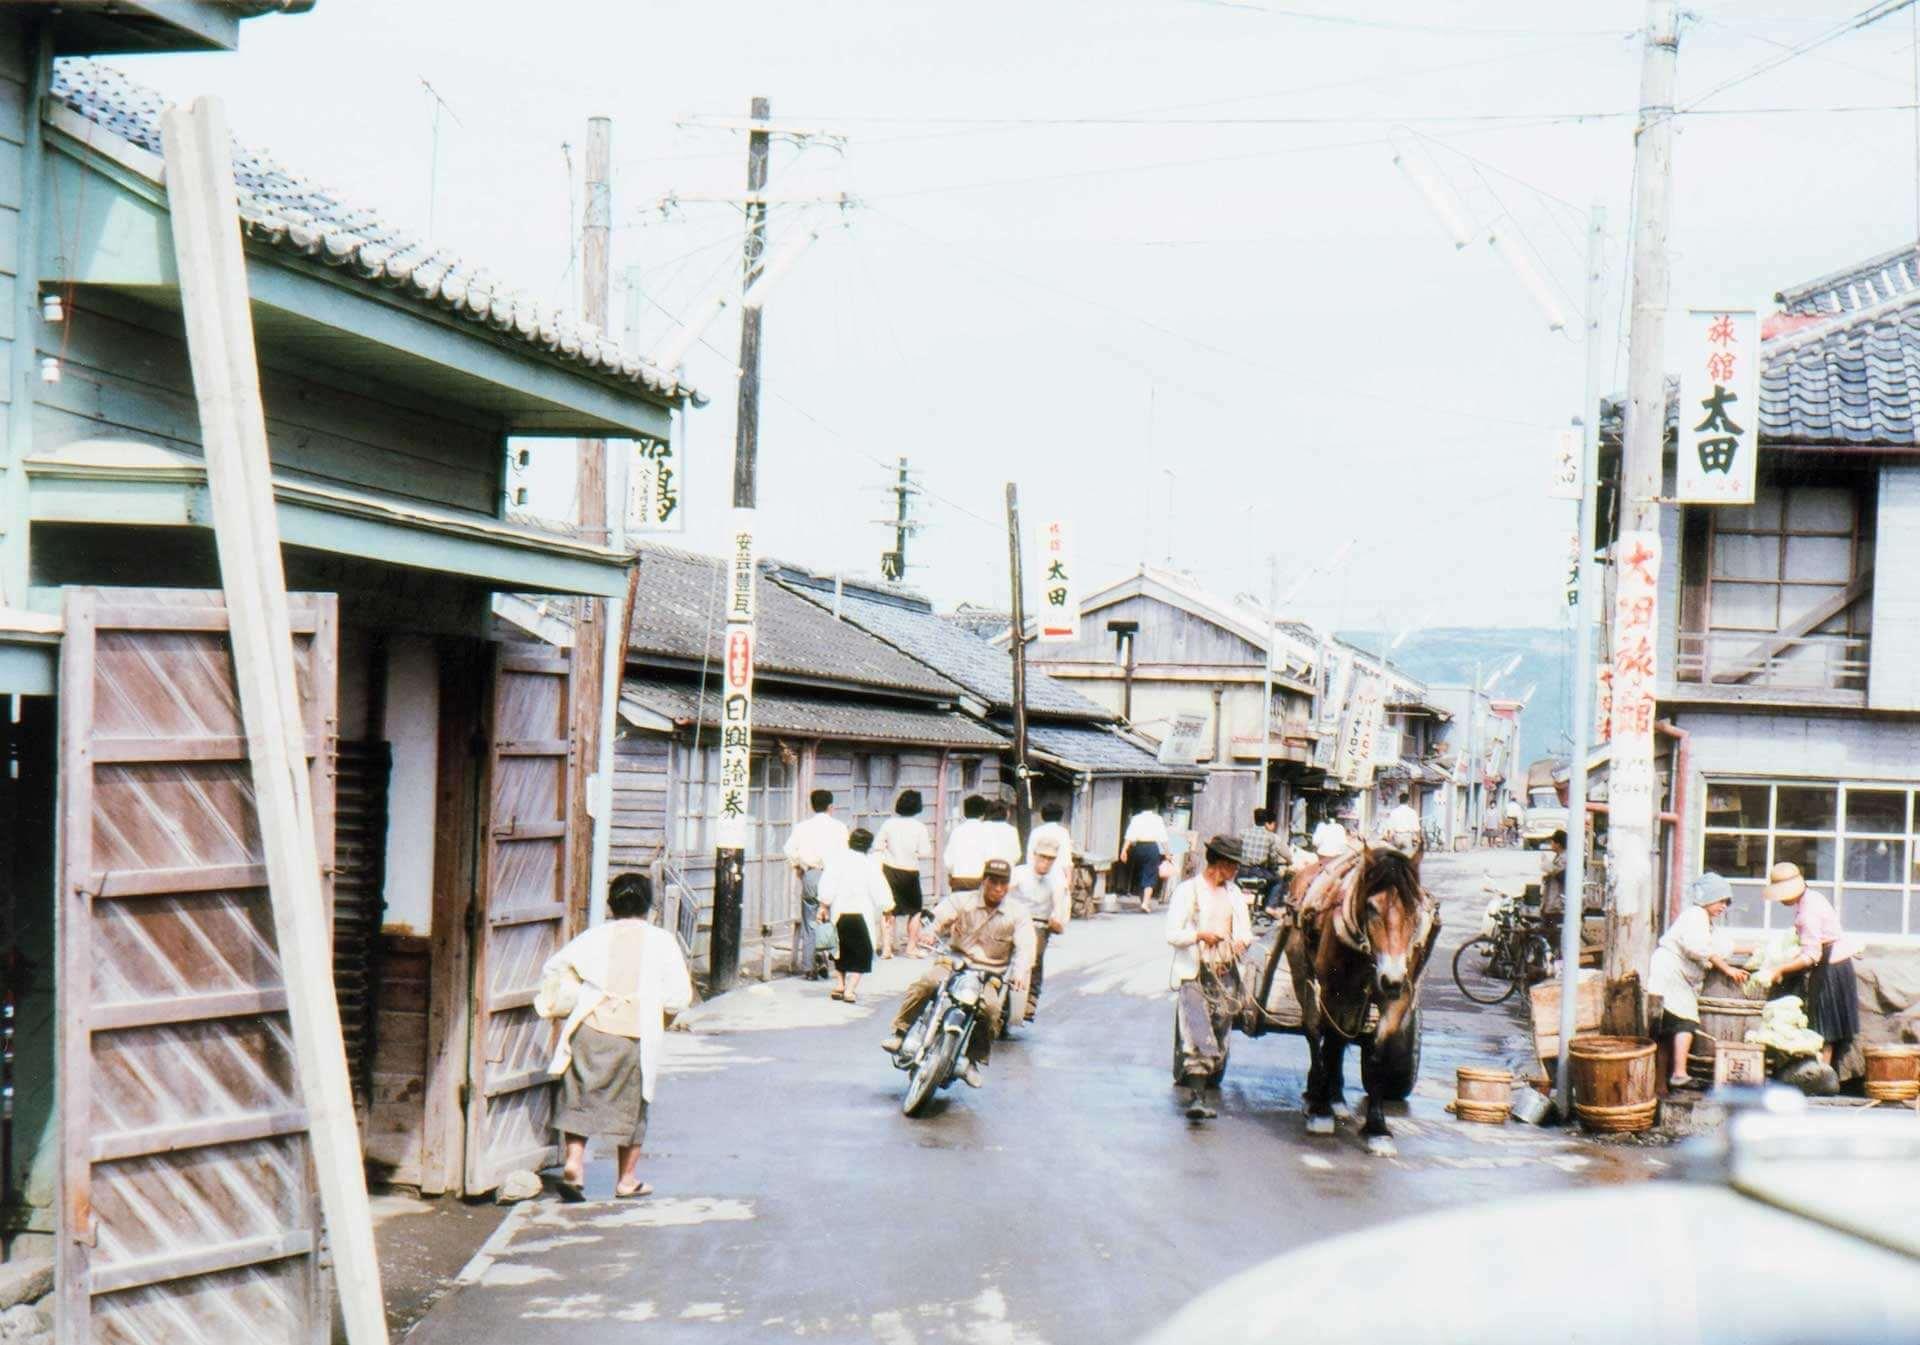 昭和30年代の風景をカラー写真で!『秘蔵カラー写真で味わう60年前の東京・日本』が累計4万部突破&収録内容が一部公開 art200904_tokyo-colourphoto_5-1920x1345